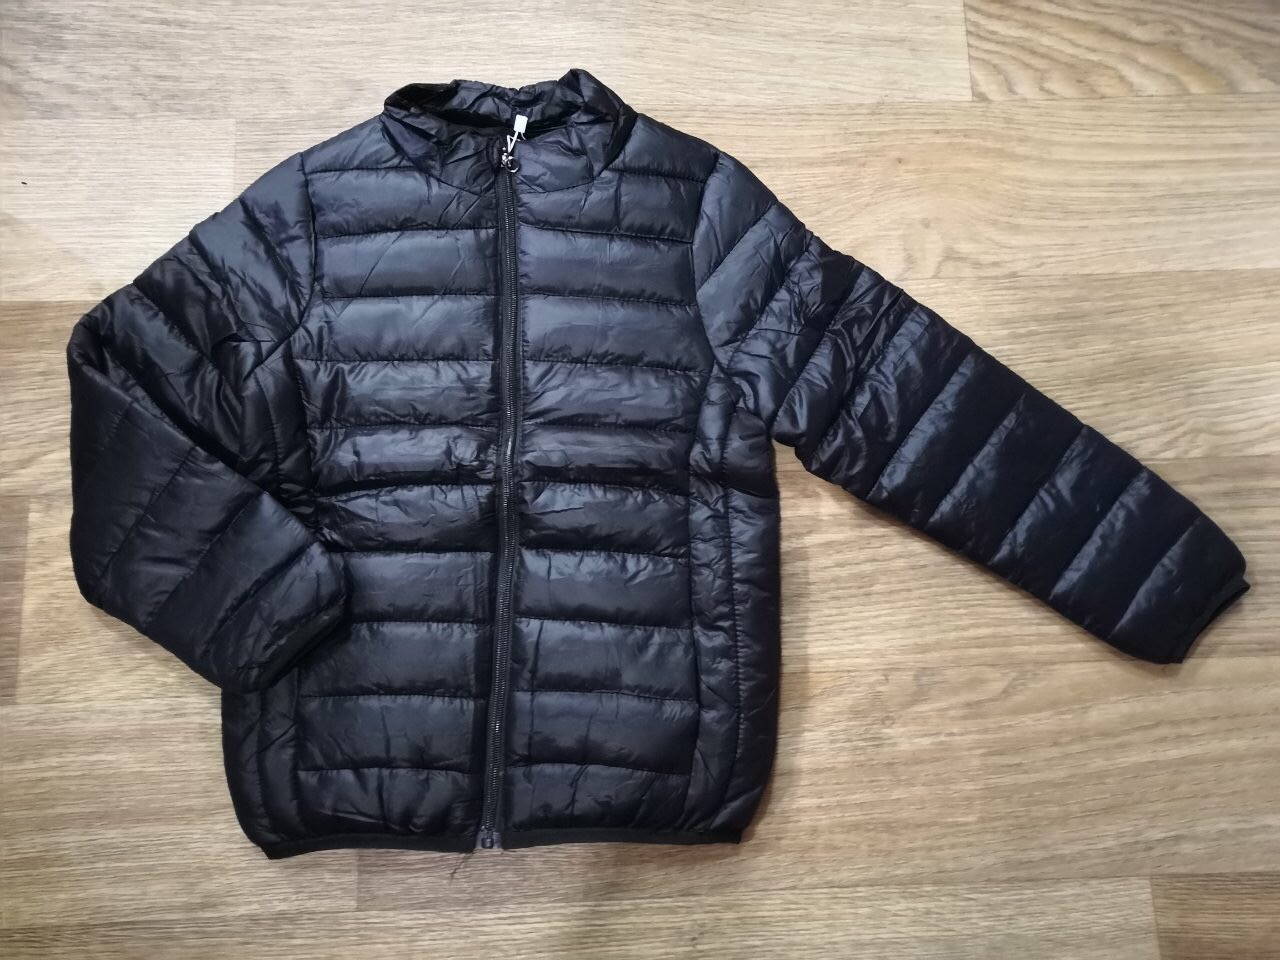 Куртка демисезонная на мальчика цвет черный 104-110 см